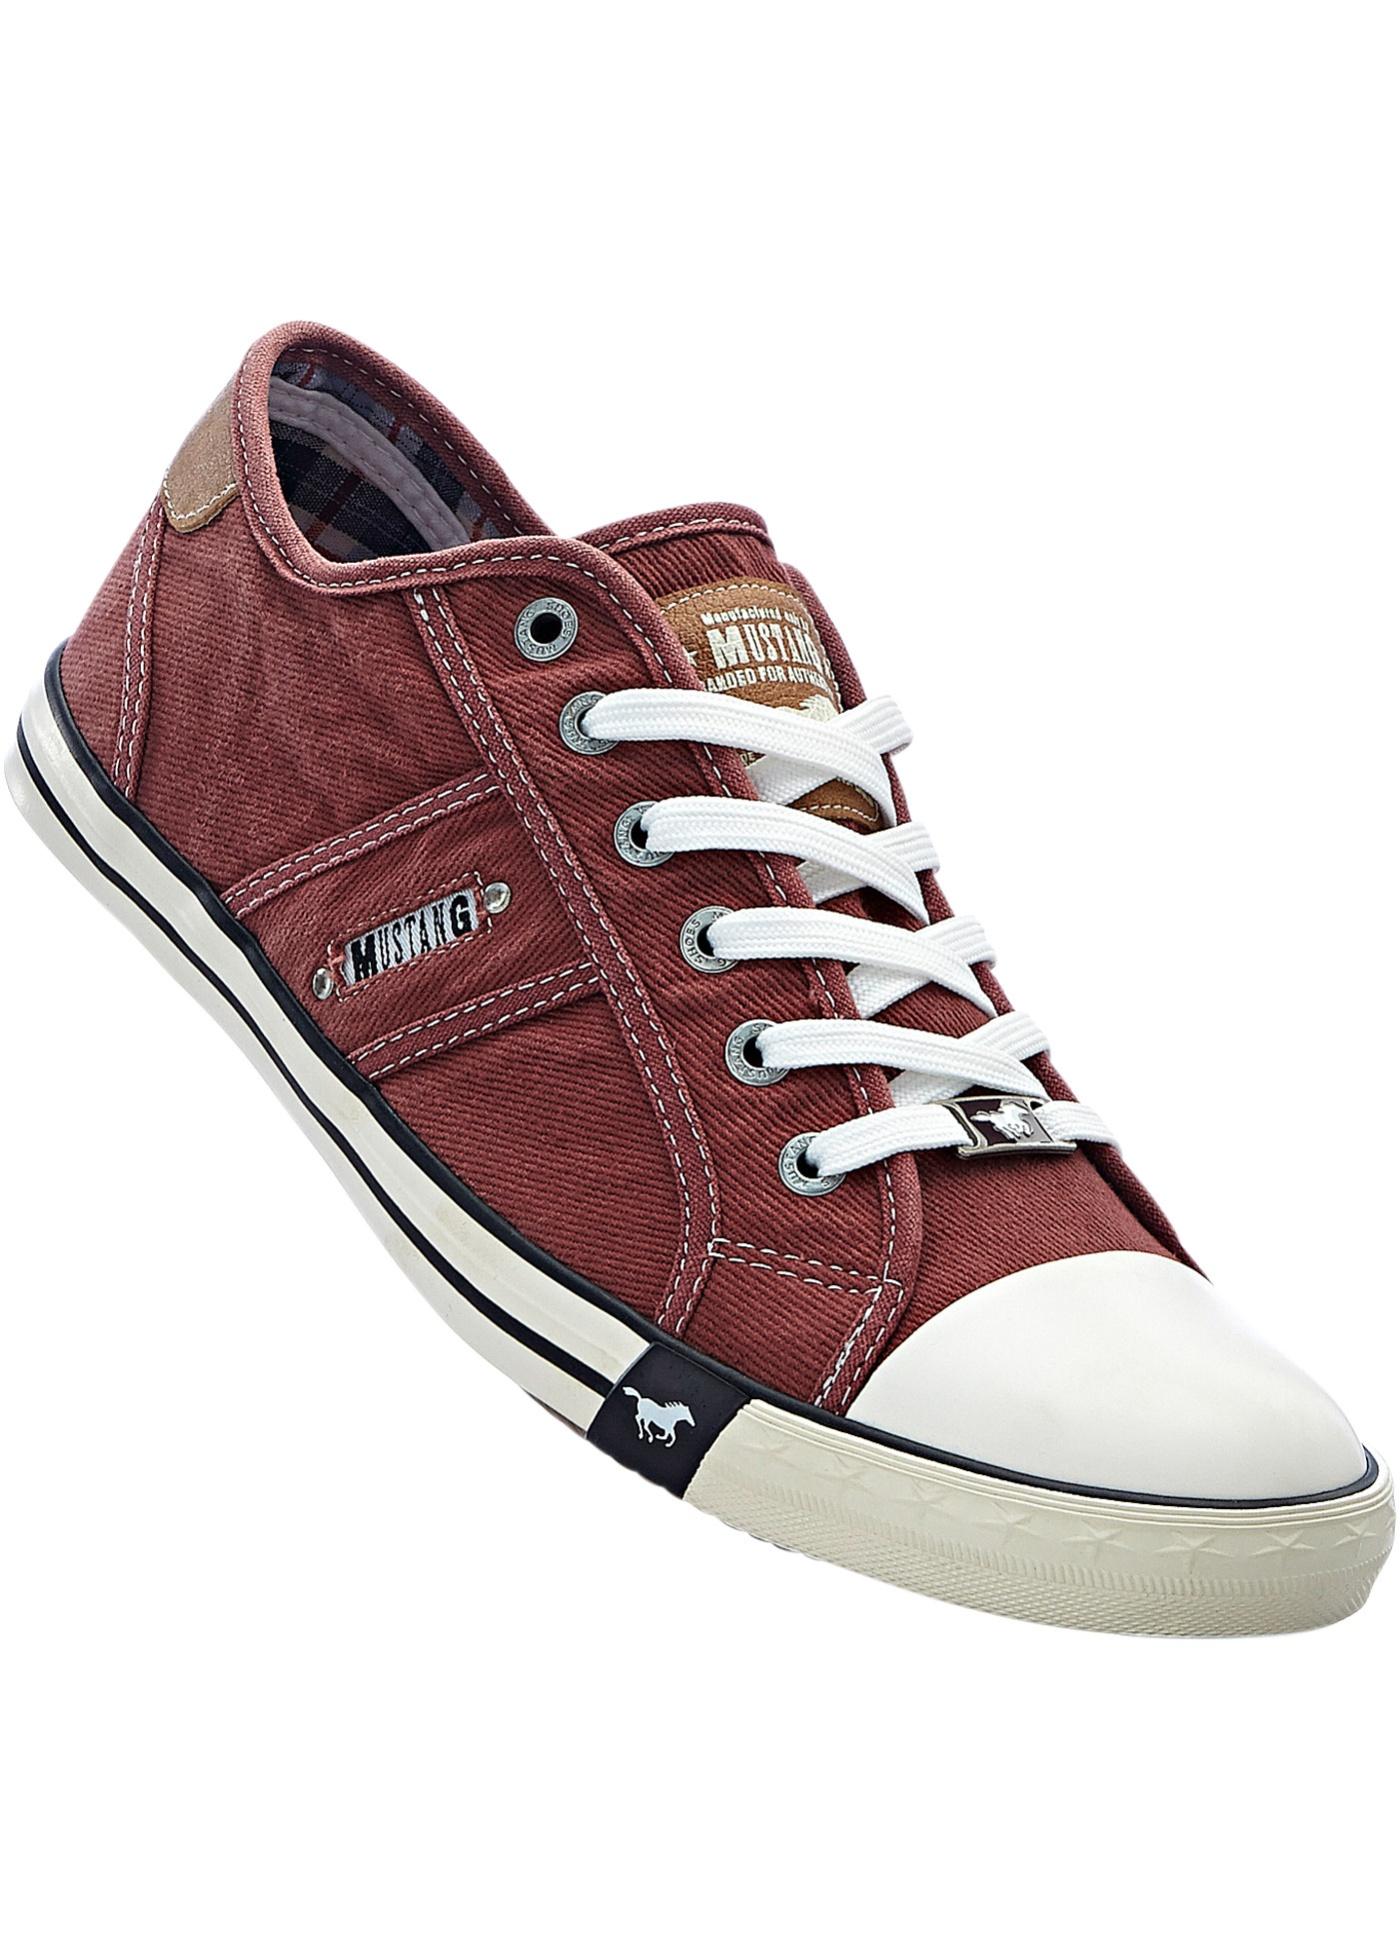 030cb982287 Vycházková obuv značky Mustang - Červená